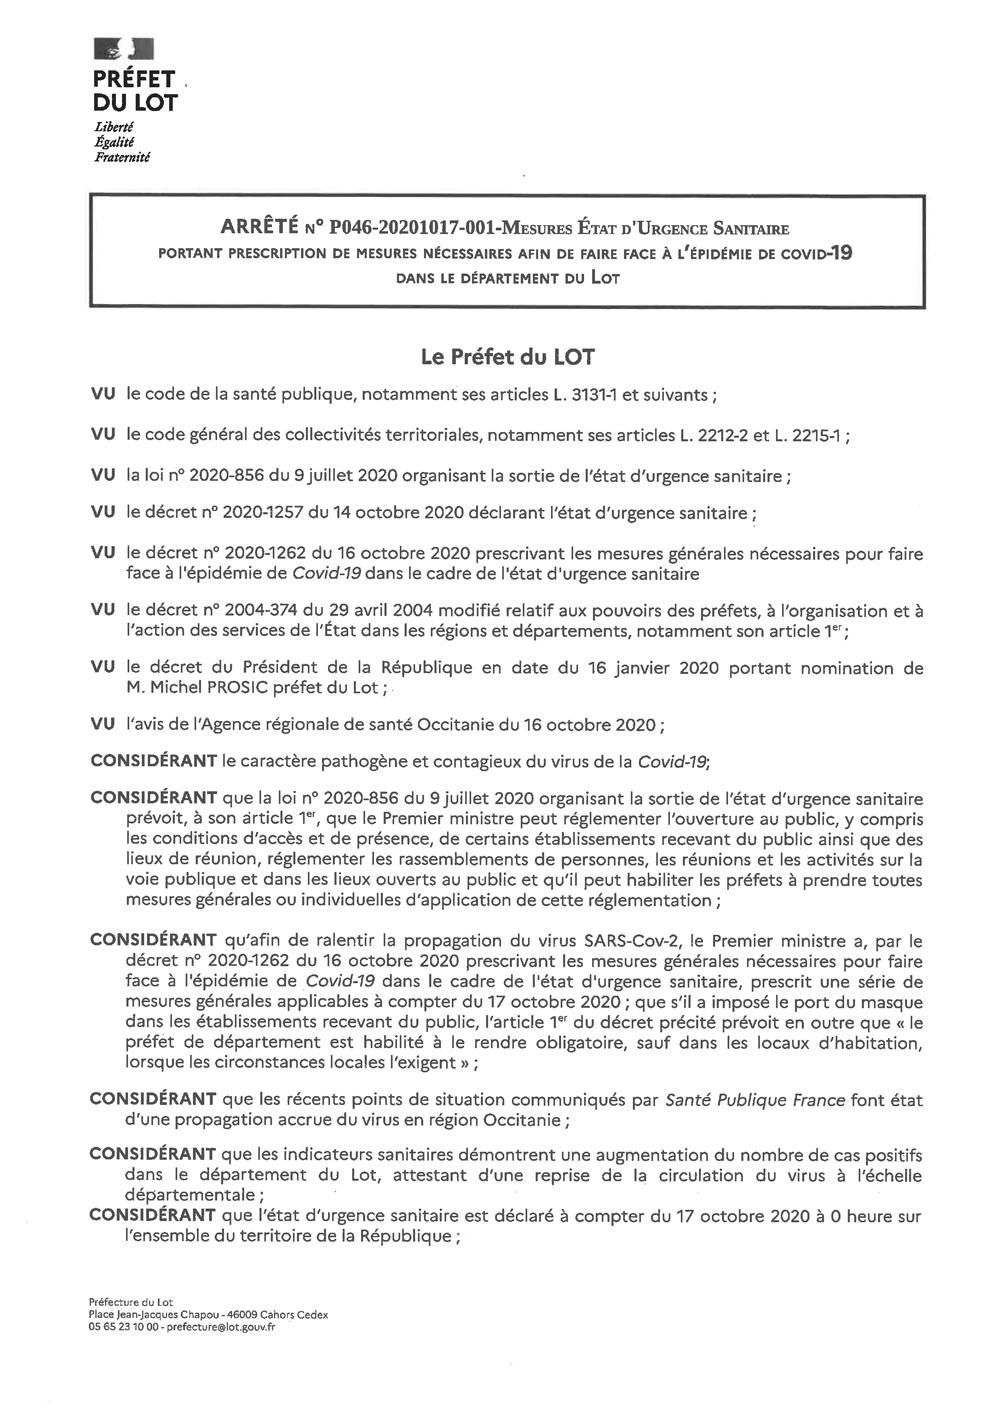 Arrété préfet 46 - 17-10-2020 mesures état d'urgence sanitaire